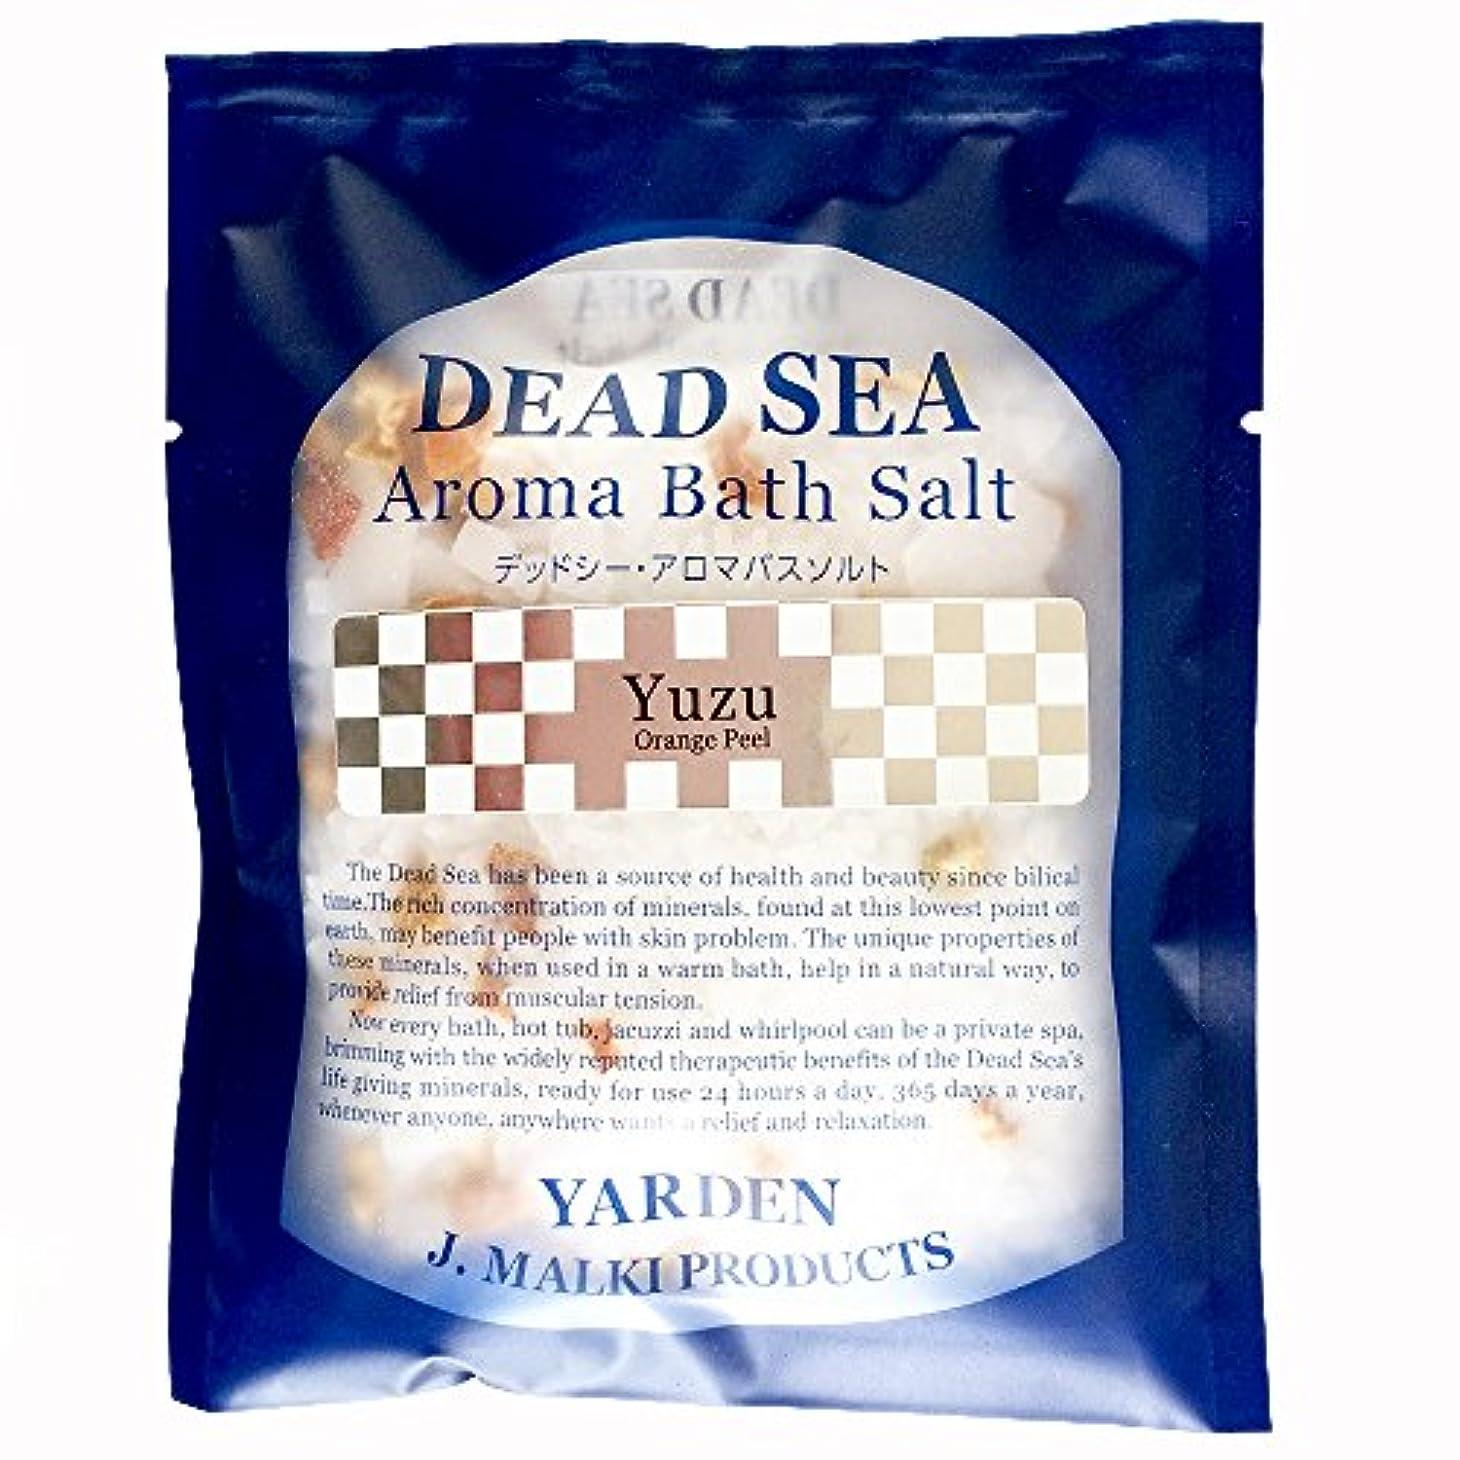 船振る舞うもっと少なくデッドシー?アロマバスソルト/ユズ 80g 【DEAD SEA AROMA BATH SALT】死海の塩+精油+ハーブ/入浴剤(入浴用化粧品)【正規販売店】